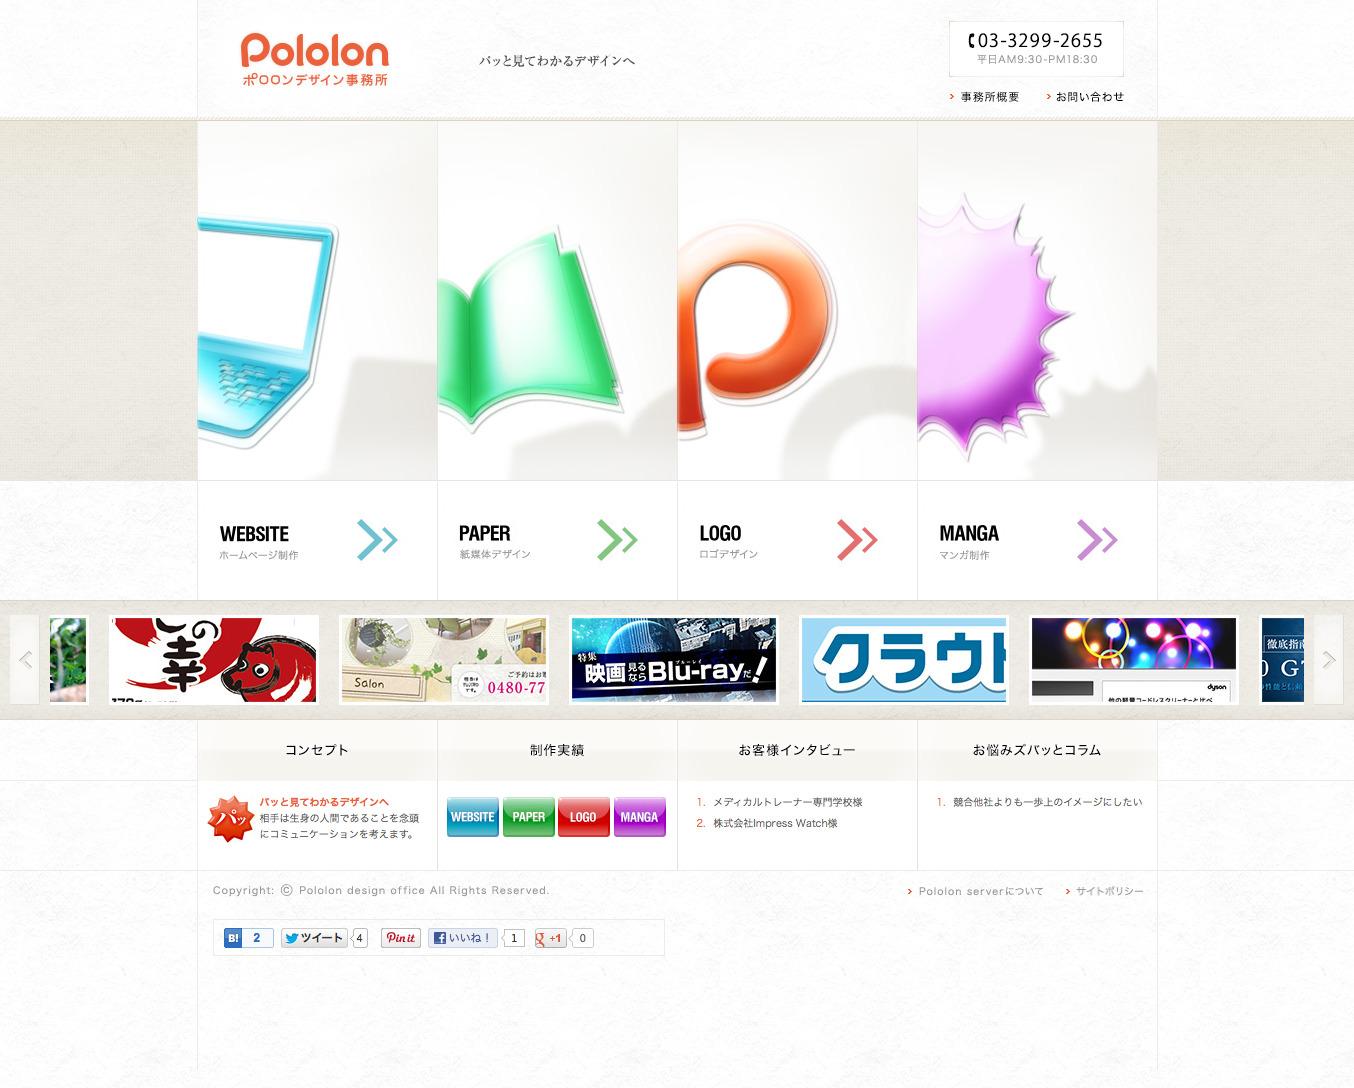 ポロロン デザイン 事務所|ホームページ制作(Webサイト) パンフレット ロゴ マンガ